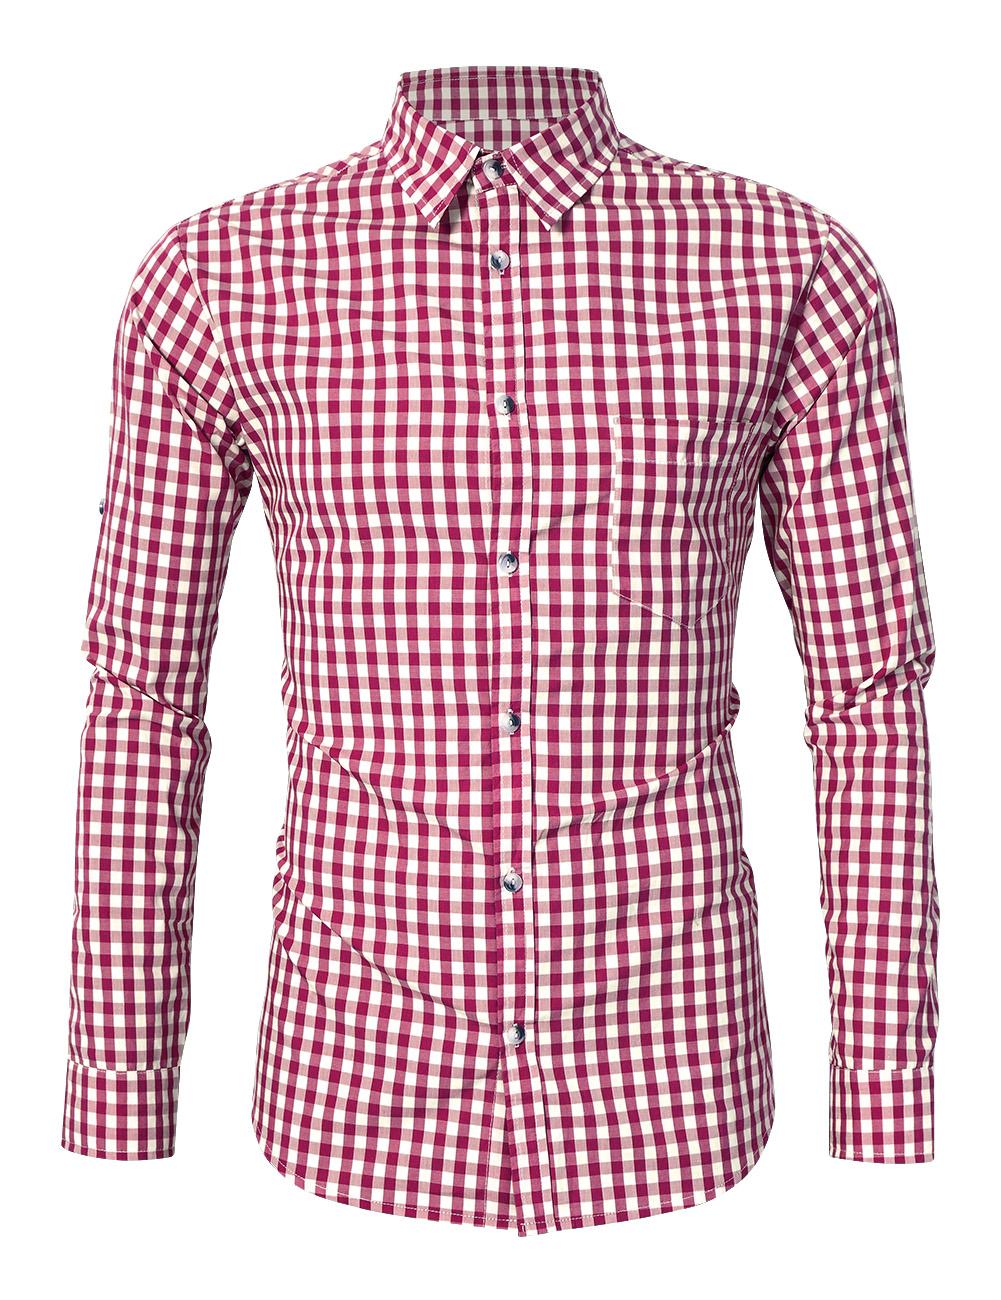 Glorystar Men's Long Sleeve Checkered Bavarian Oktoberfest Shirt for Lederhosen Red_S